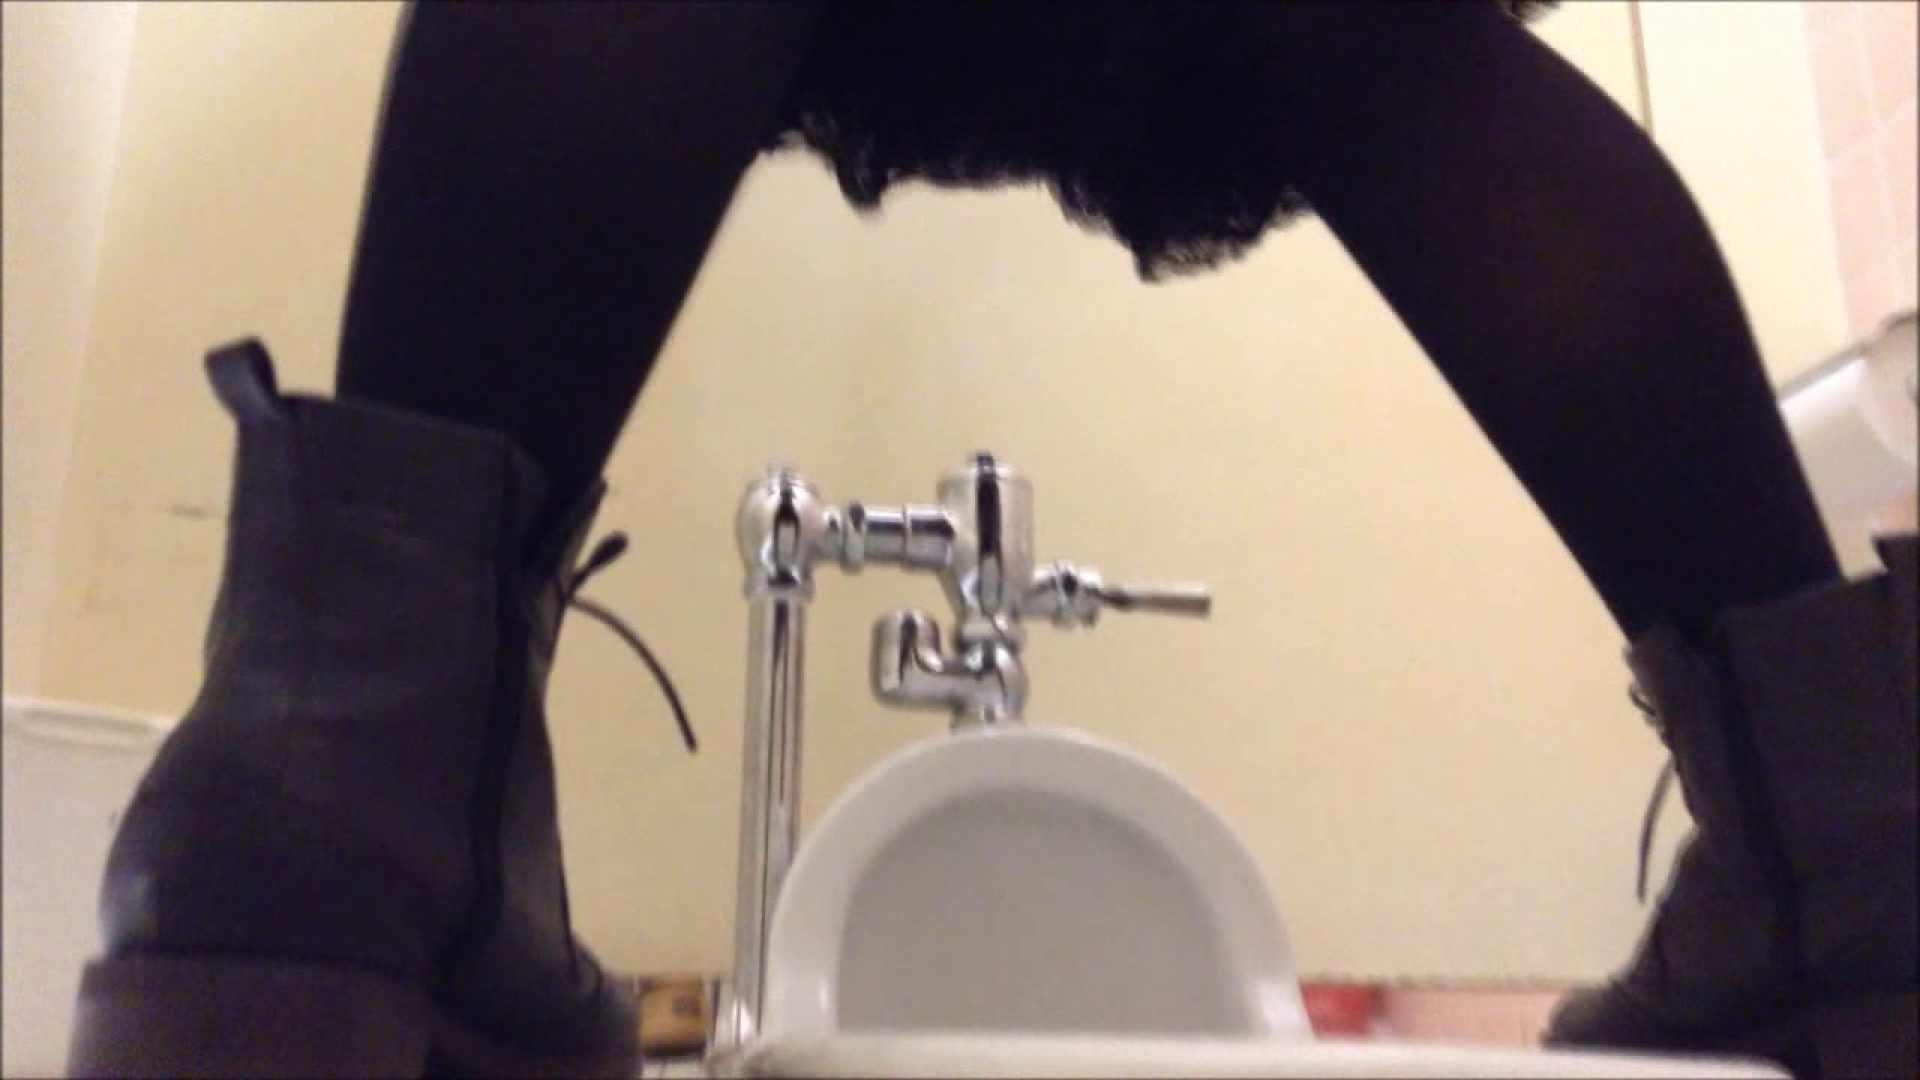 某有名大学女性洗面所 vol.04 排泄 おまんこ無修正動画無料 80pic 11